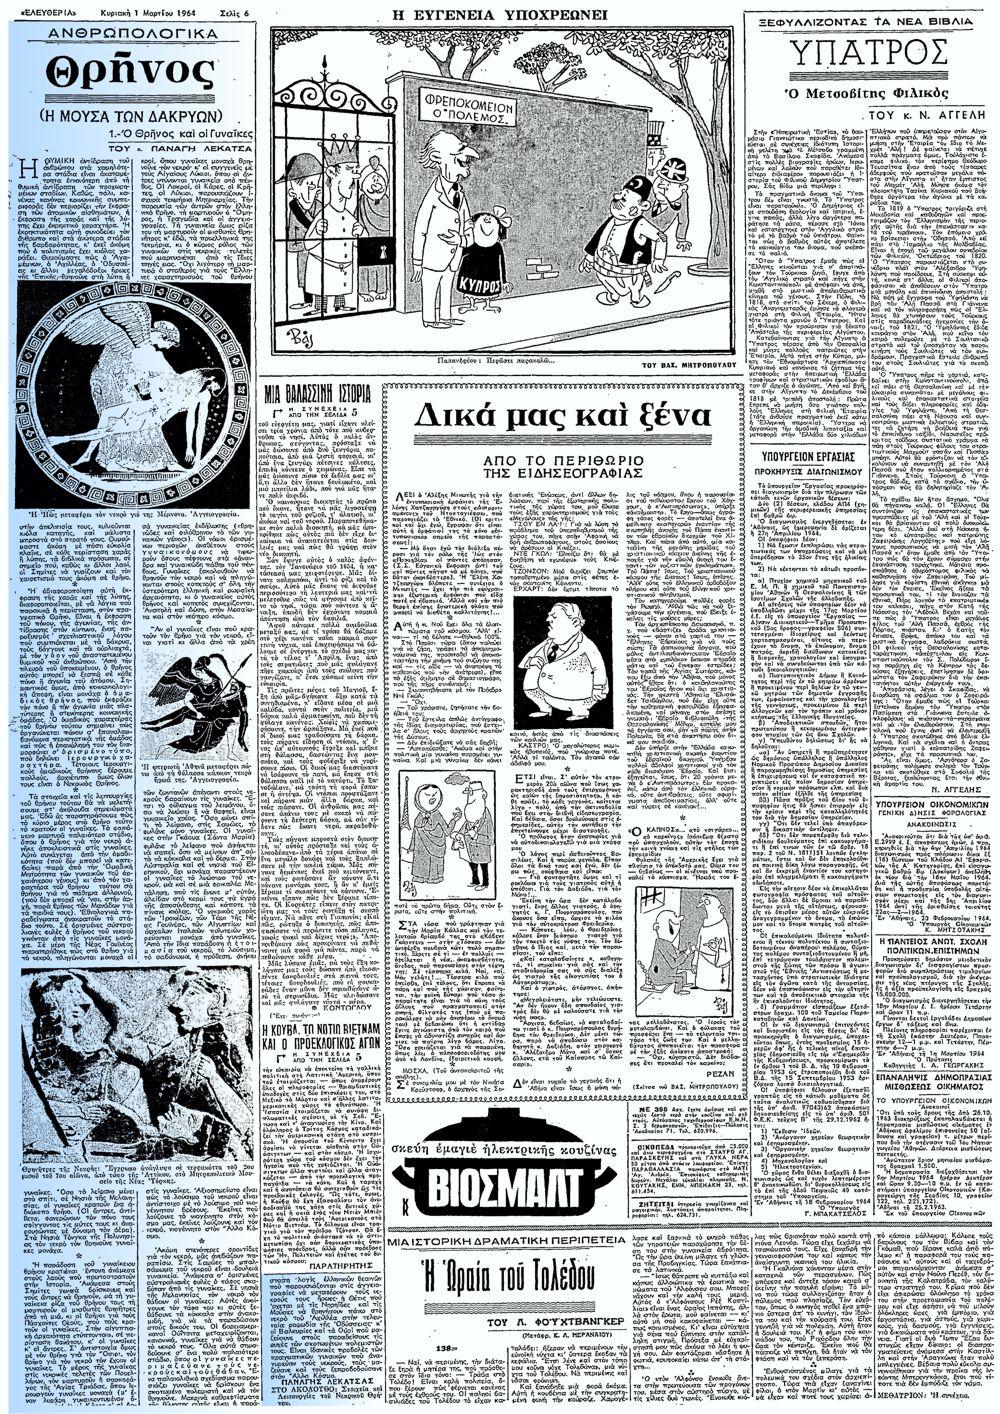 """Το άρθρο, όπως δημοσιεύθηκε στην εφημερίδα """"ΕΛΕΥΘΕΡΙΑ"""", στις 01/03/1964"""